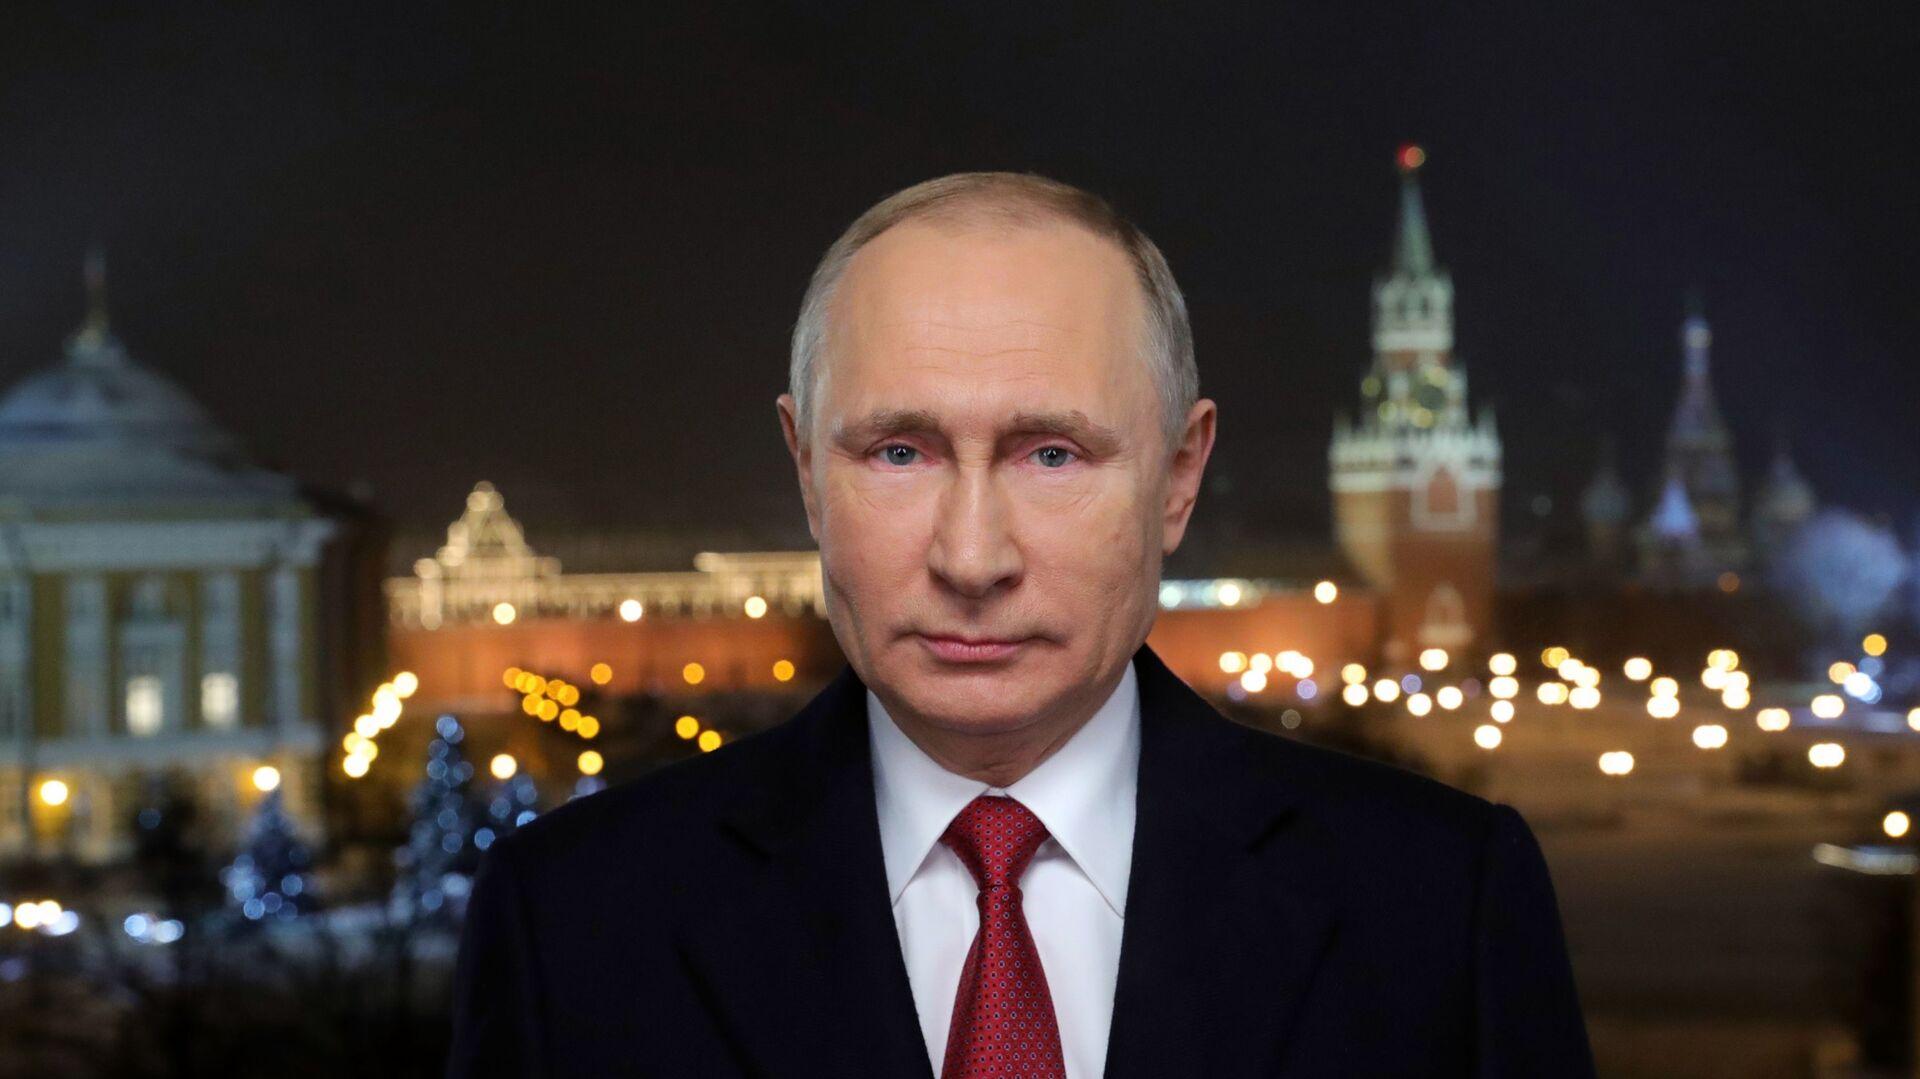 Президент РФ Владимир Путин во время новогоднего обращения к россиянам в канун 2019 года - РИА Новости, 1920, 01.01.2019